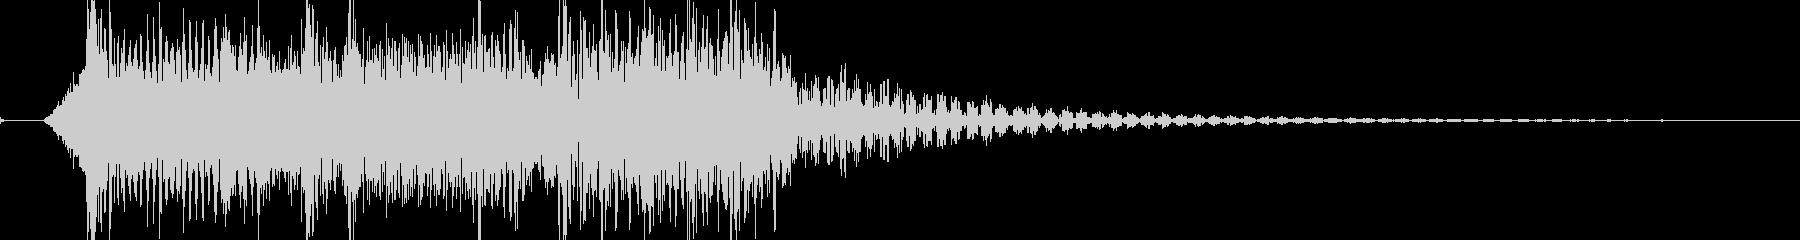 迫力あるロック・メタルのジングル 02の未再生の波形